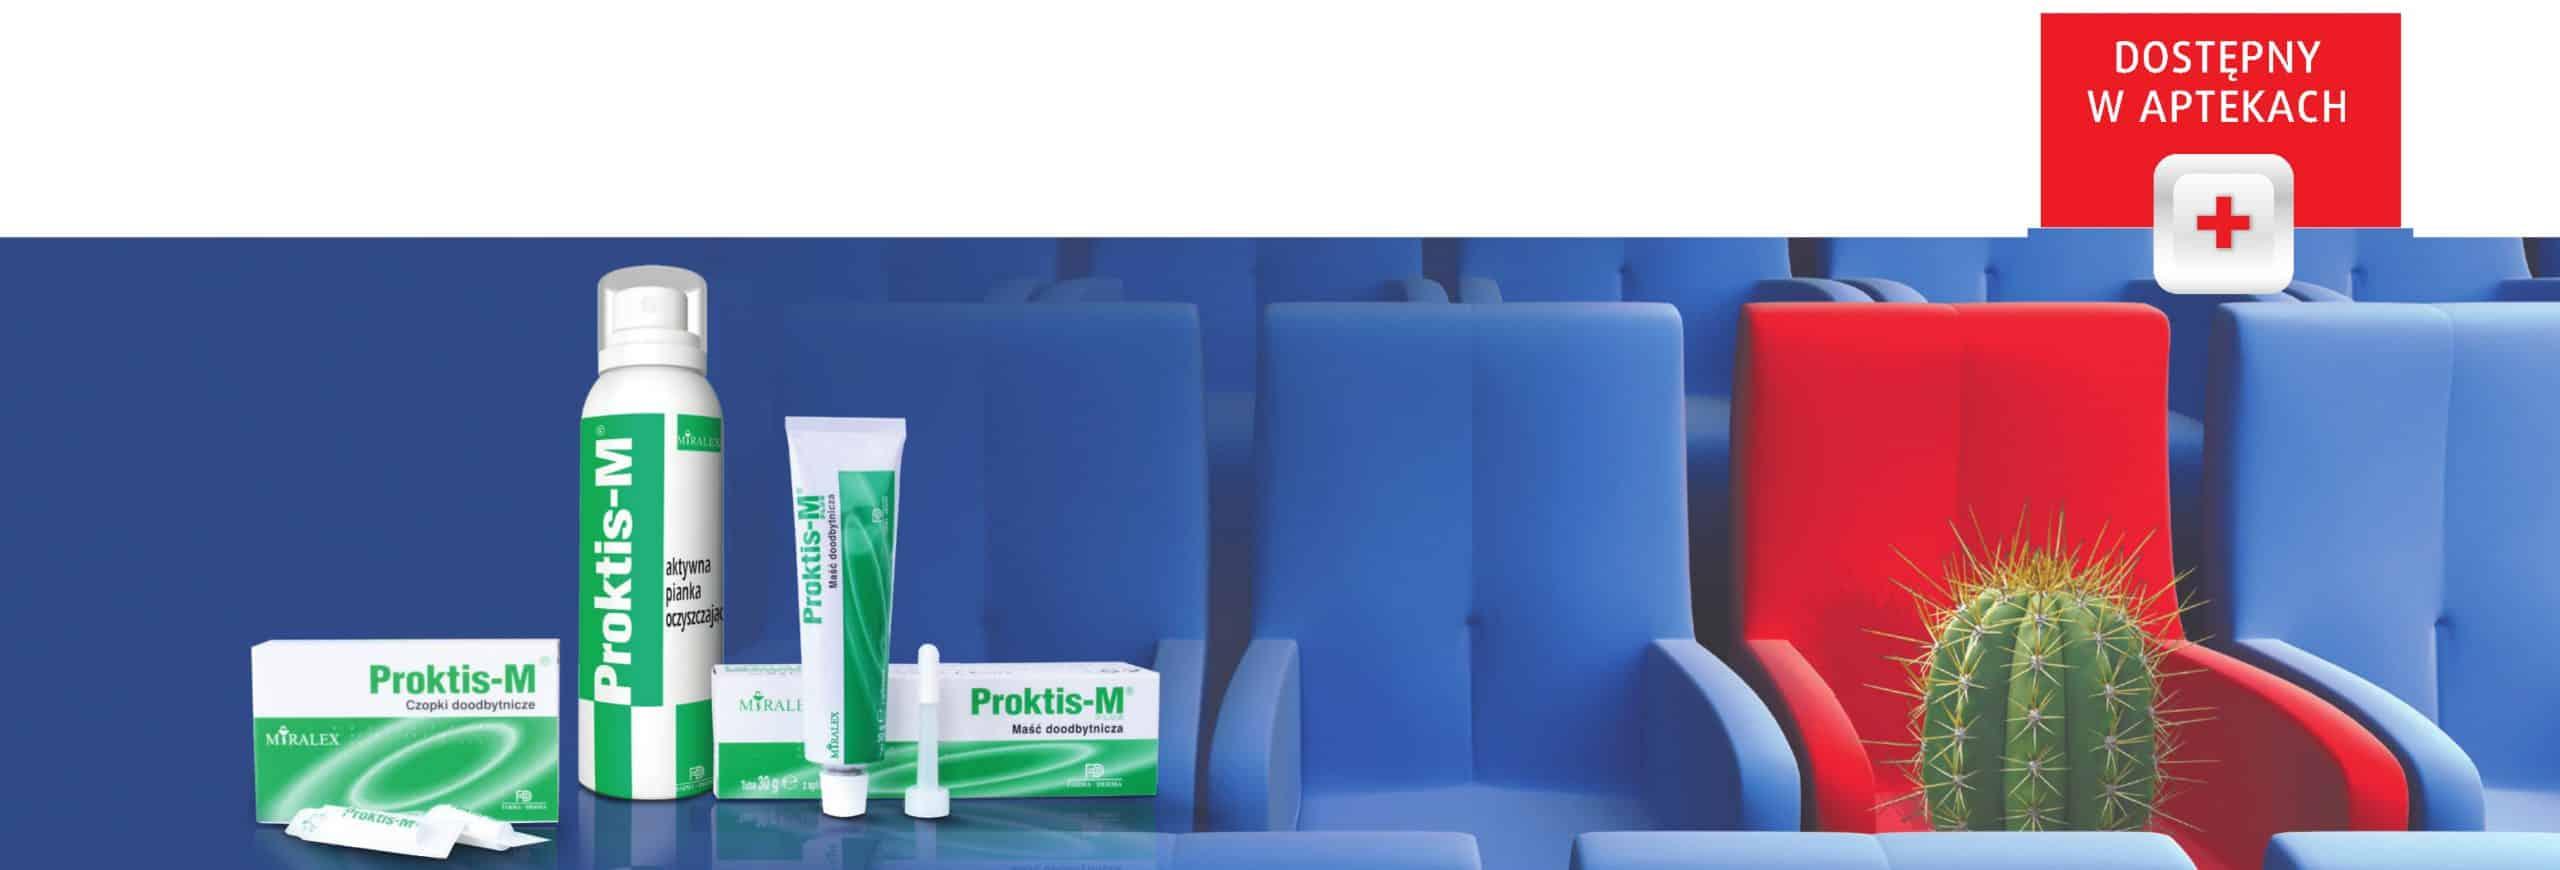 Proktis_M_1